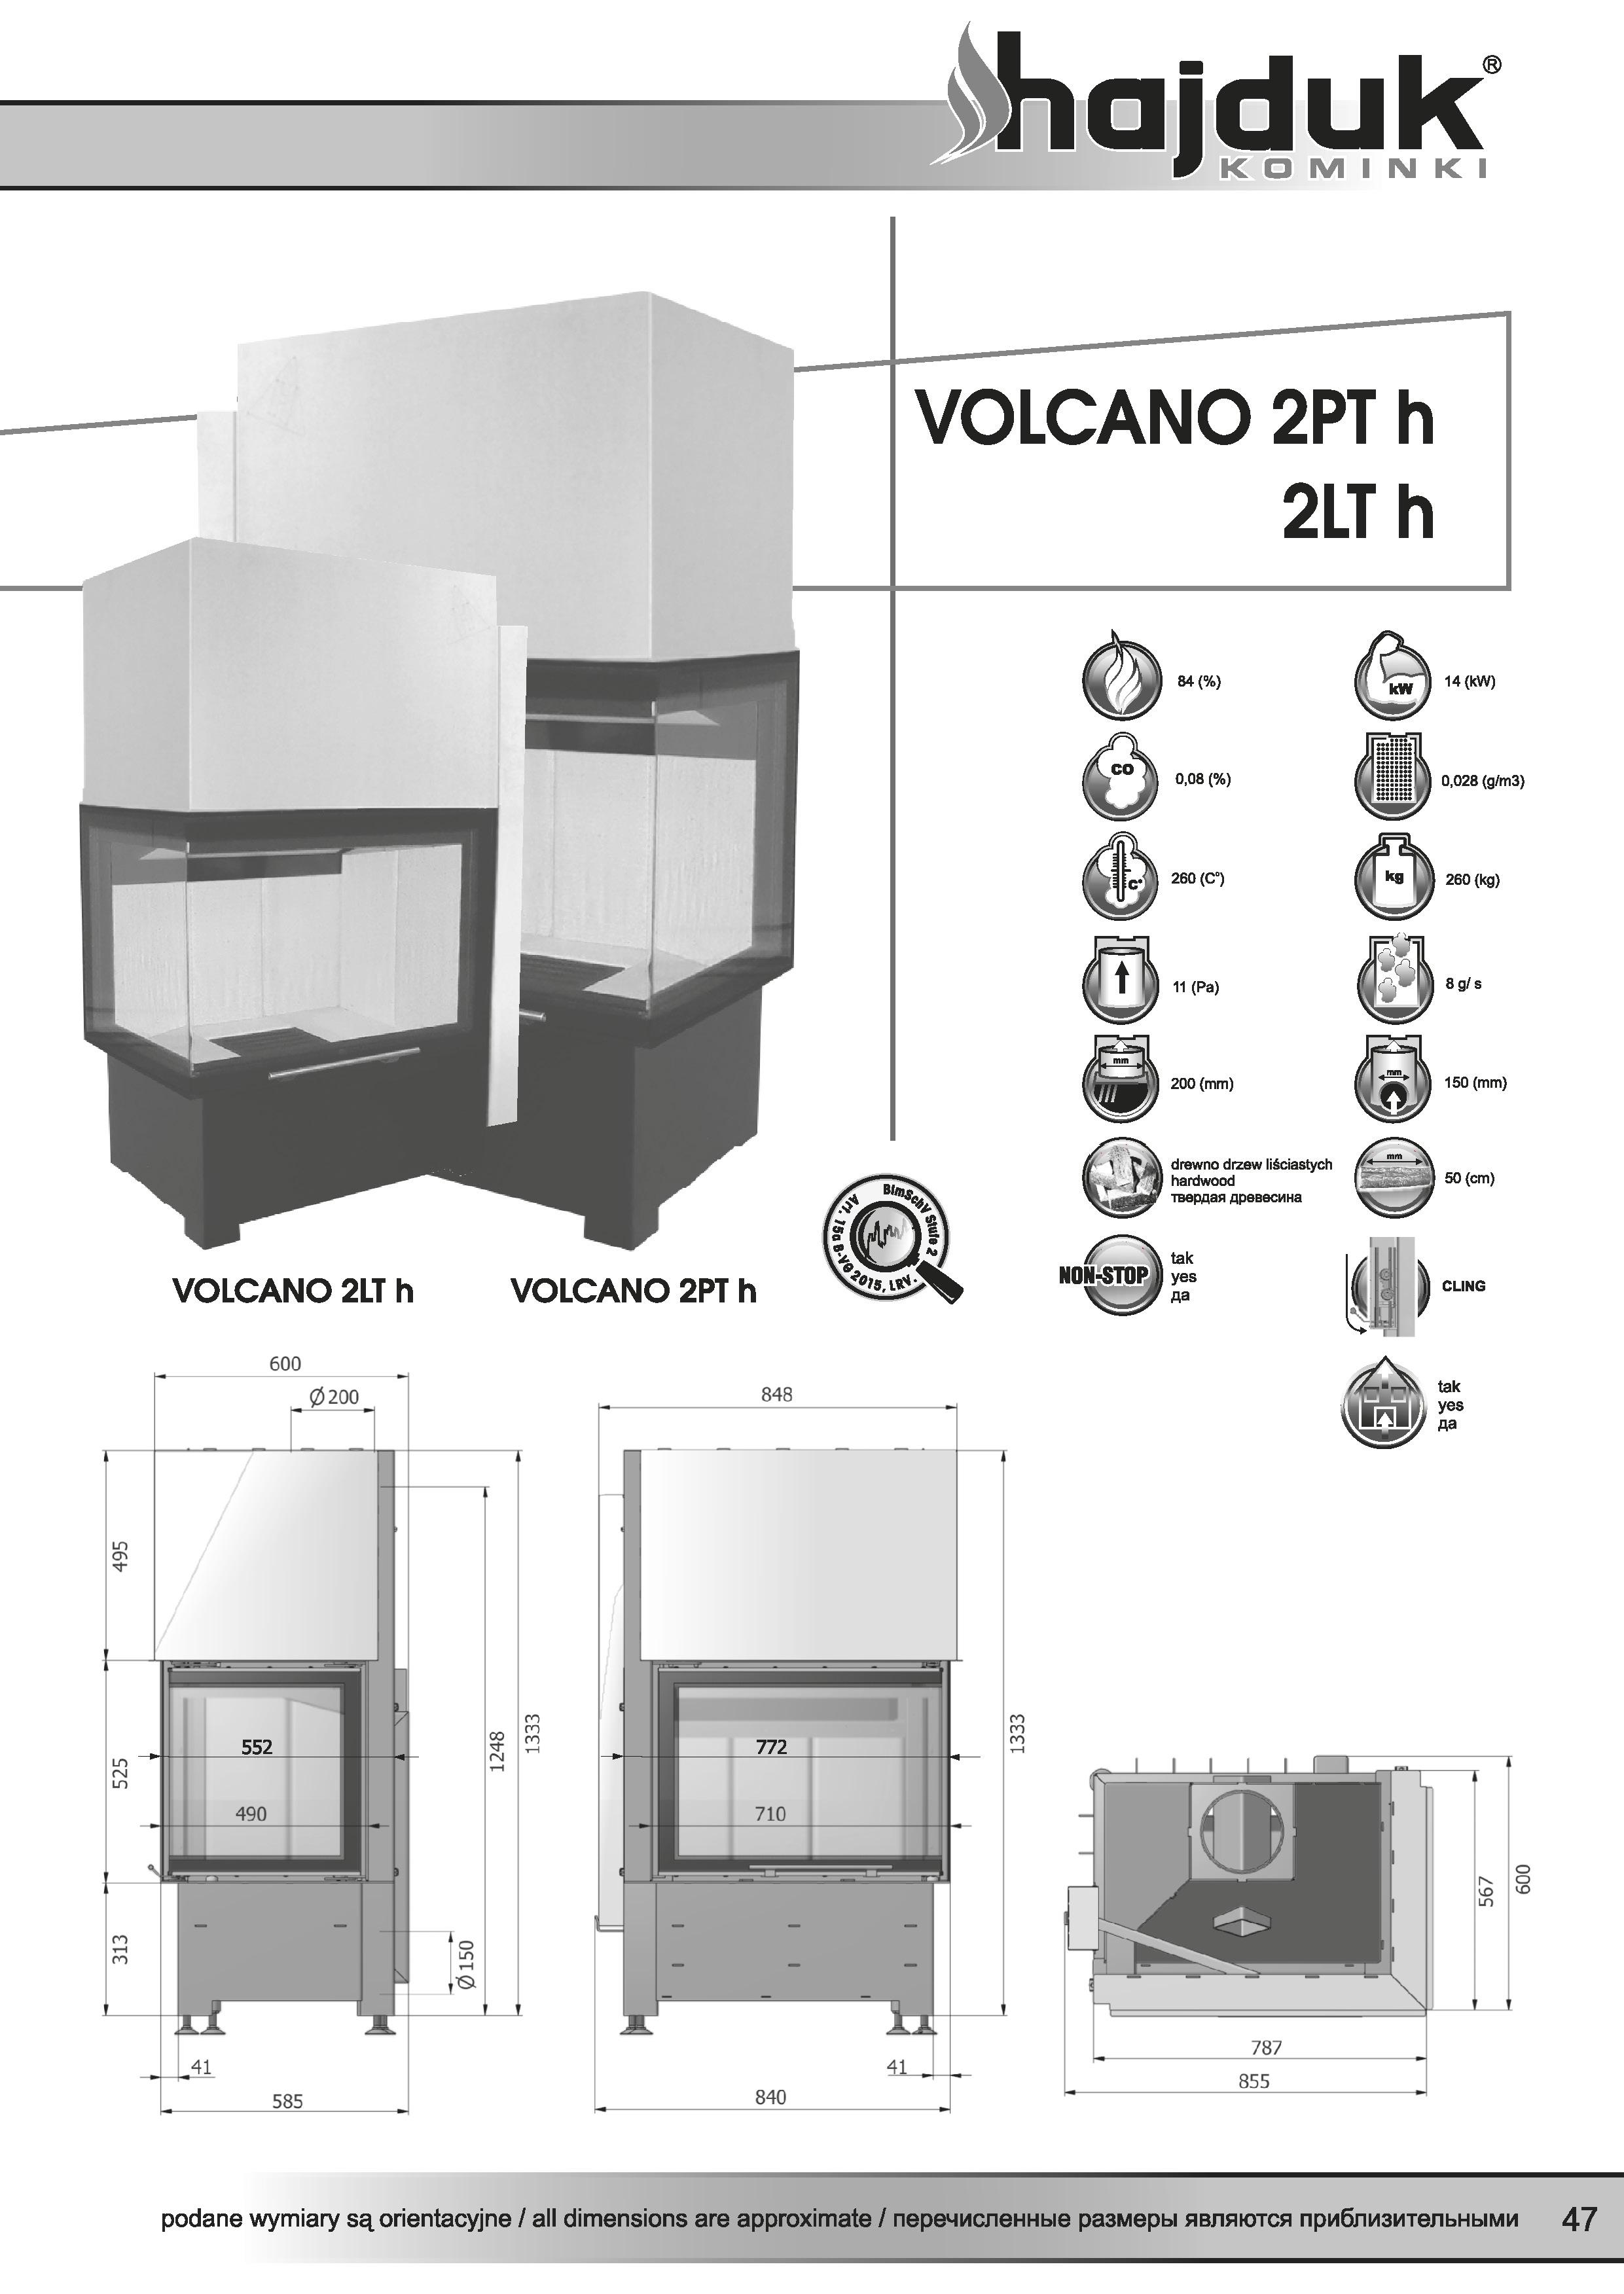 Volcano%202PTh%202LTh%20 %20karta%20techniczna - Wkład kominkowy Hajduk Volcano 2PTh - drzwiczki bezramowe szyba jednolita